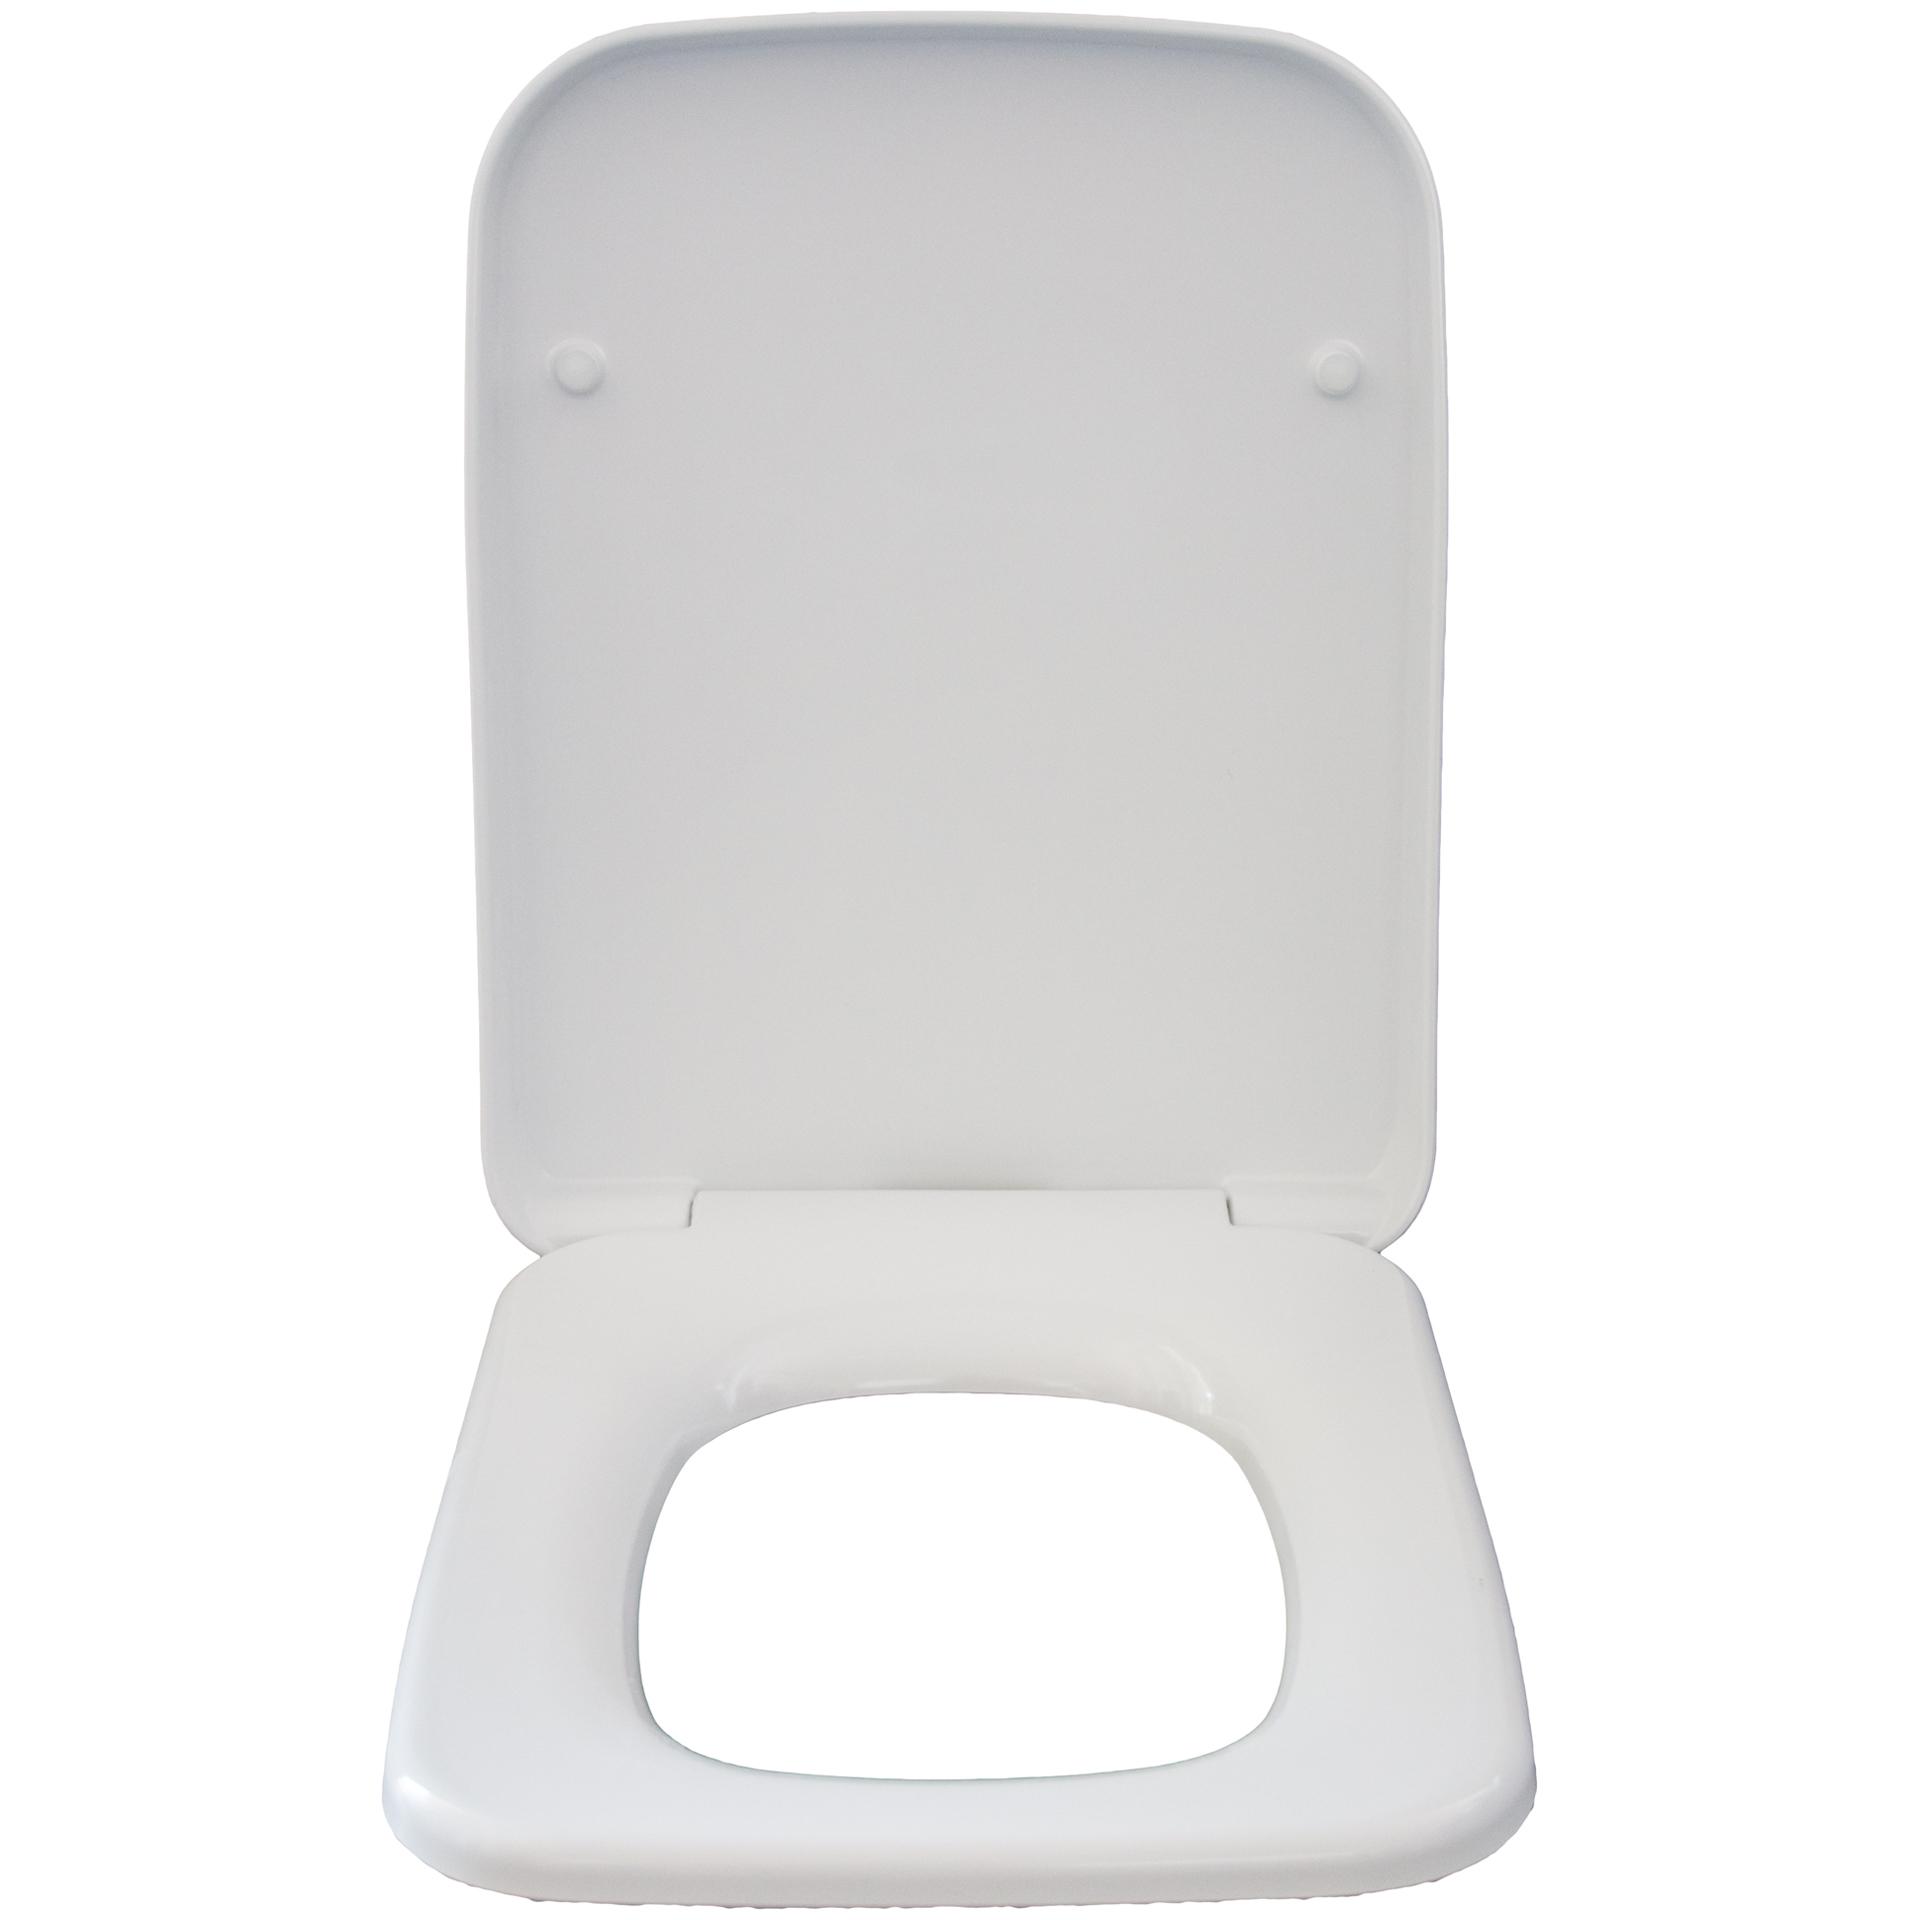 wc sitz sp320 temtasi preiswerte dusch wcs ohne elektronik direkt vom hersteller. Black Bedroom Furniture Sets. Home Design Ideas